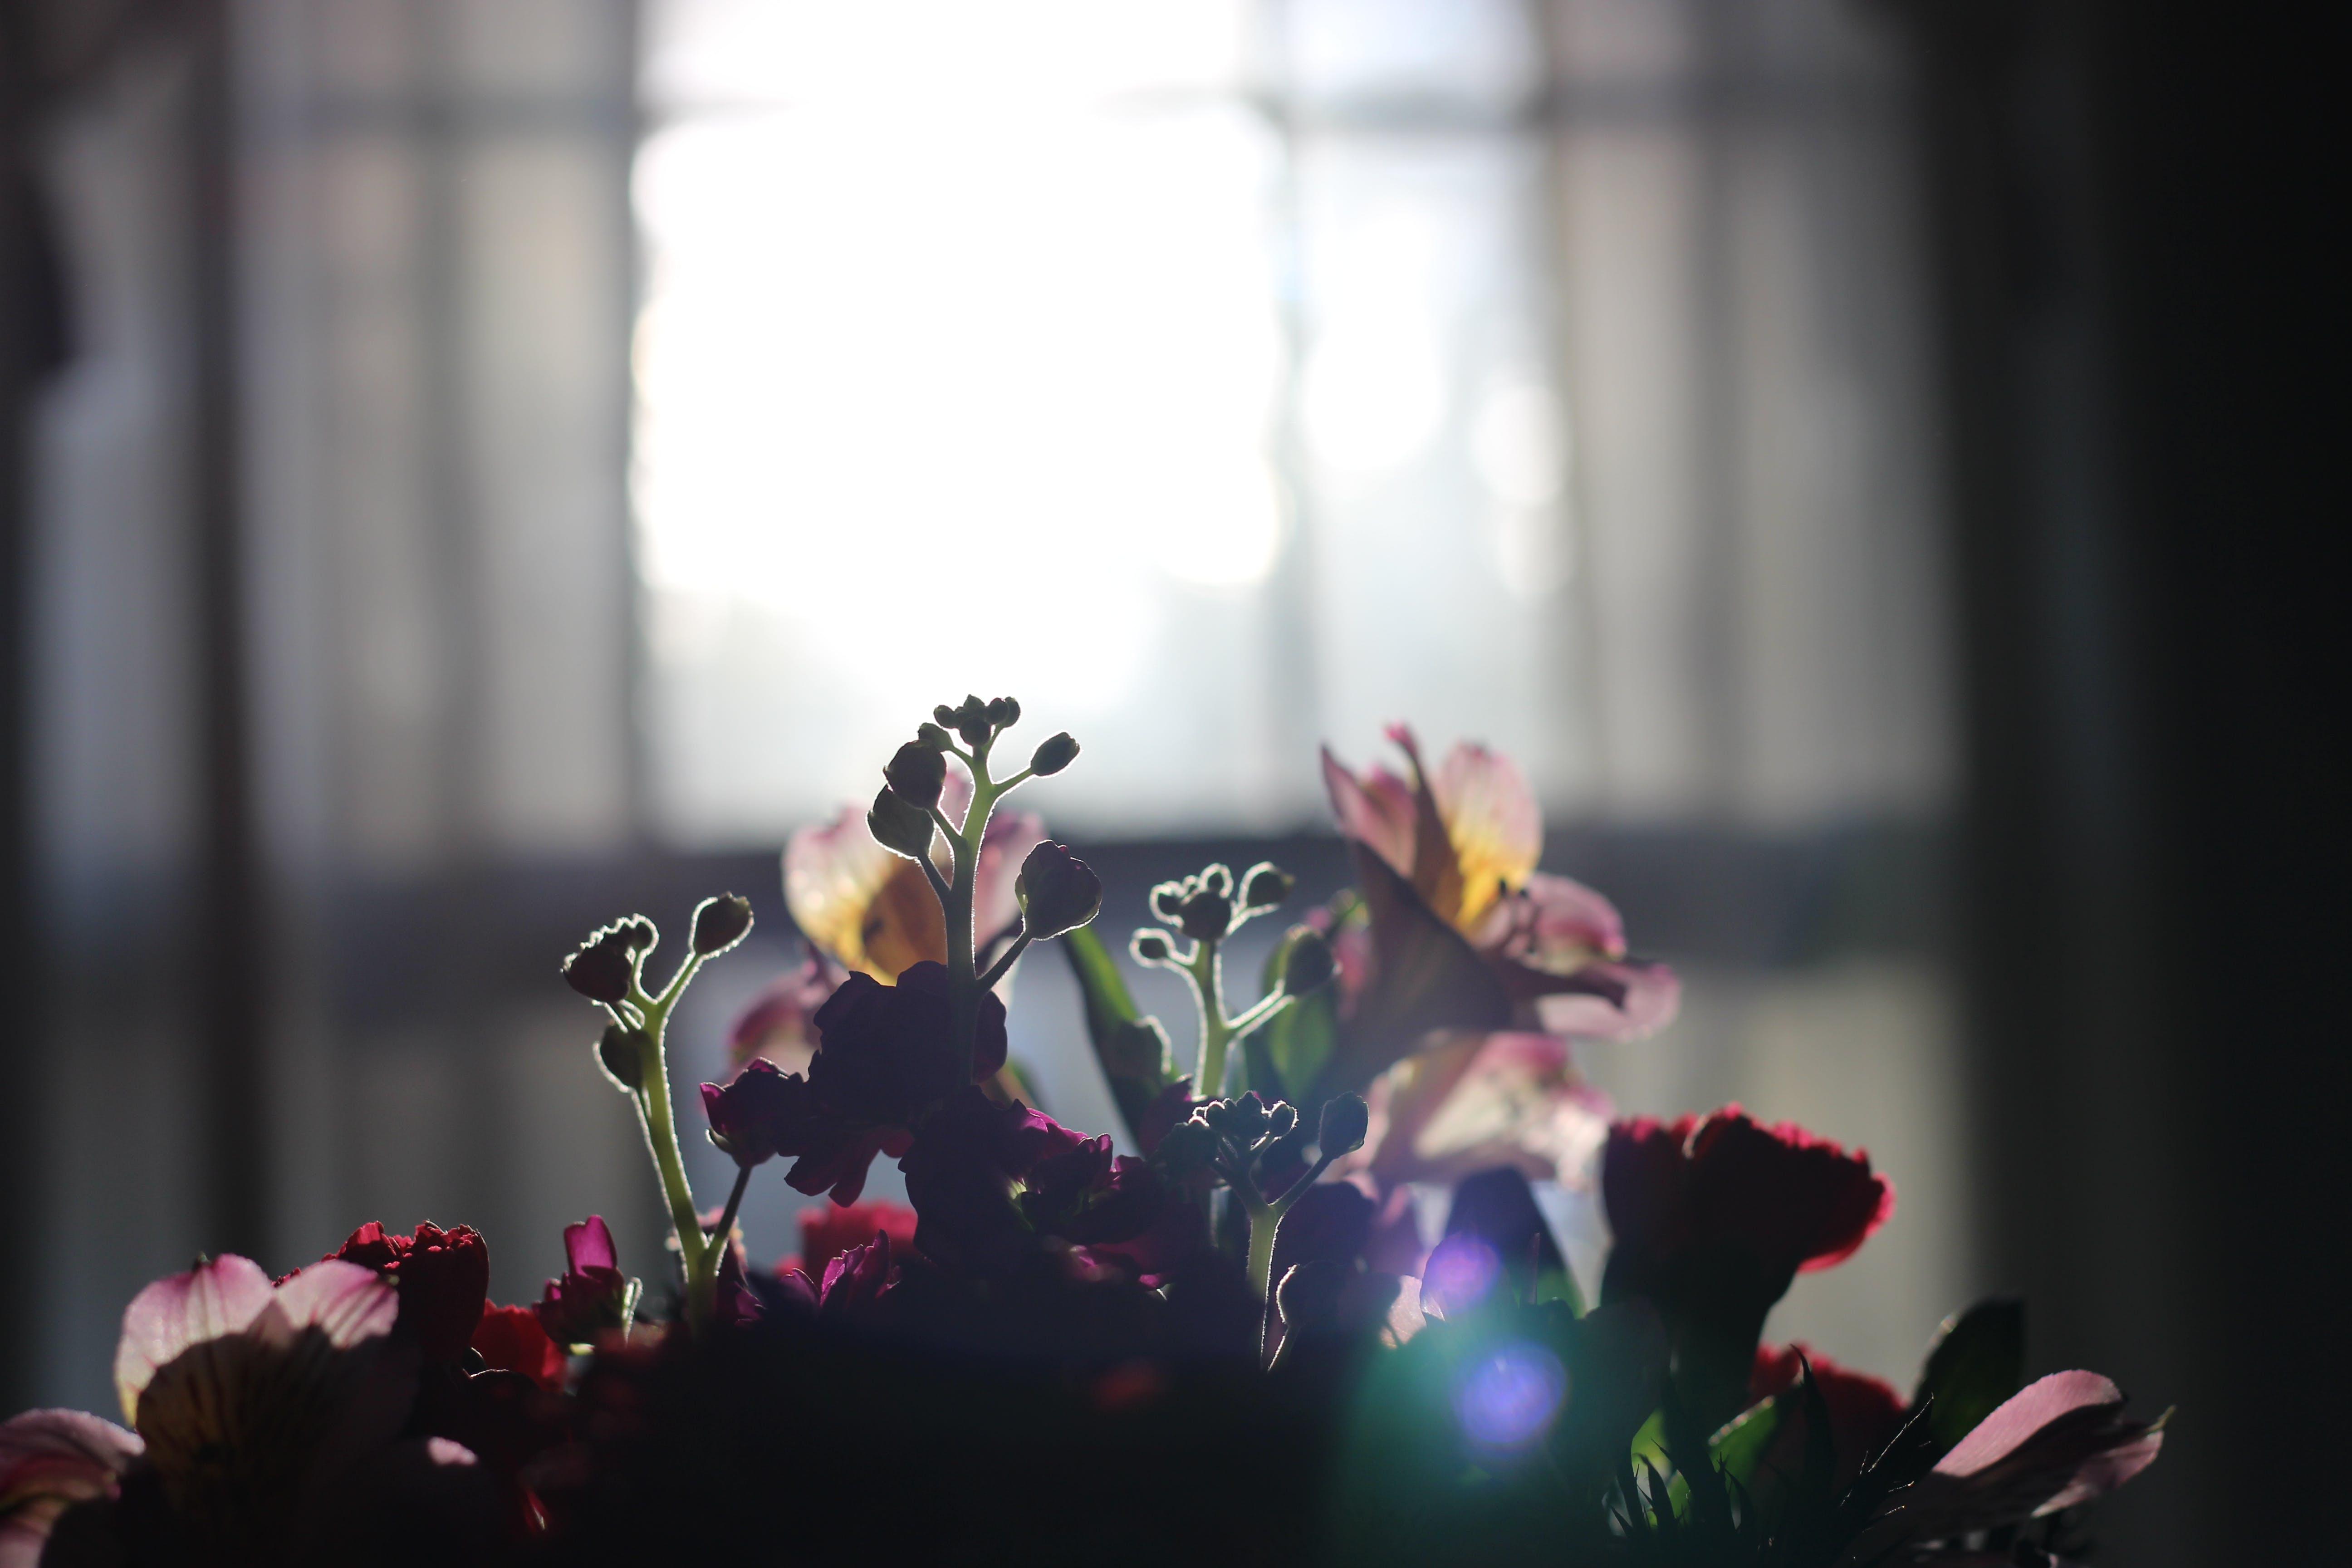 Δωρεάν στοκ φωτογραφιών με ανθοδέσμη, διακόσμηση, λουλούδια, μπουκέτο